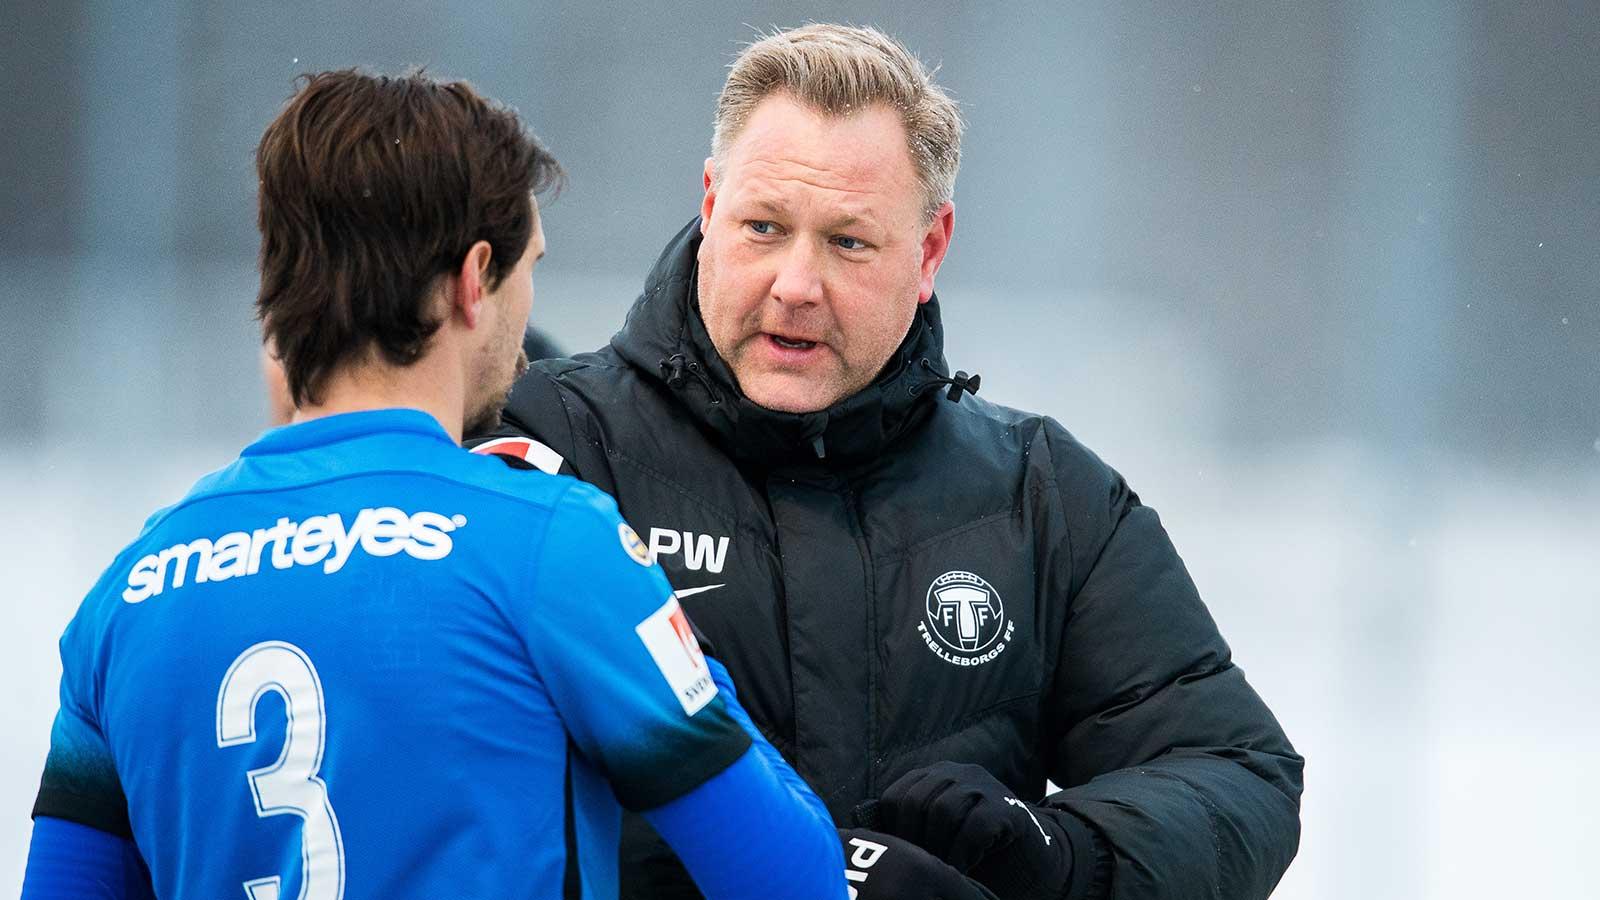 180225 Trelleborgs tränare Patrick Winqvist och Sebastian Ohlsson under fotbollsmatchen i Svenska cupen mellan Kalmar och Trelleborg den 25 februari 2018 i Kalmar.